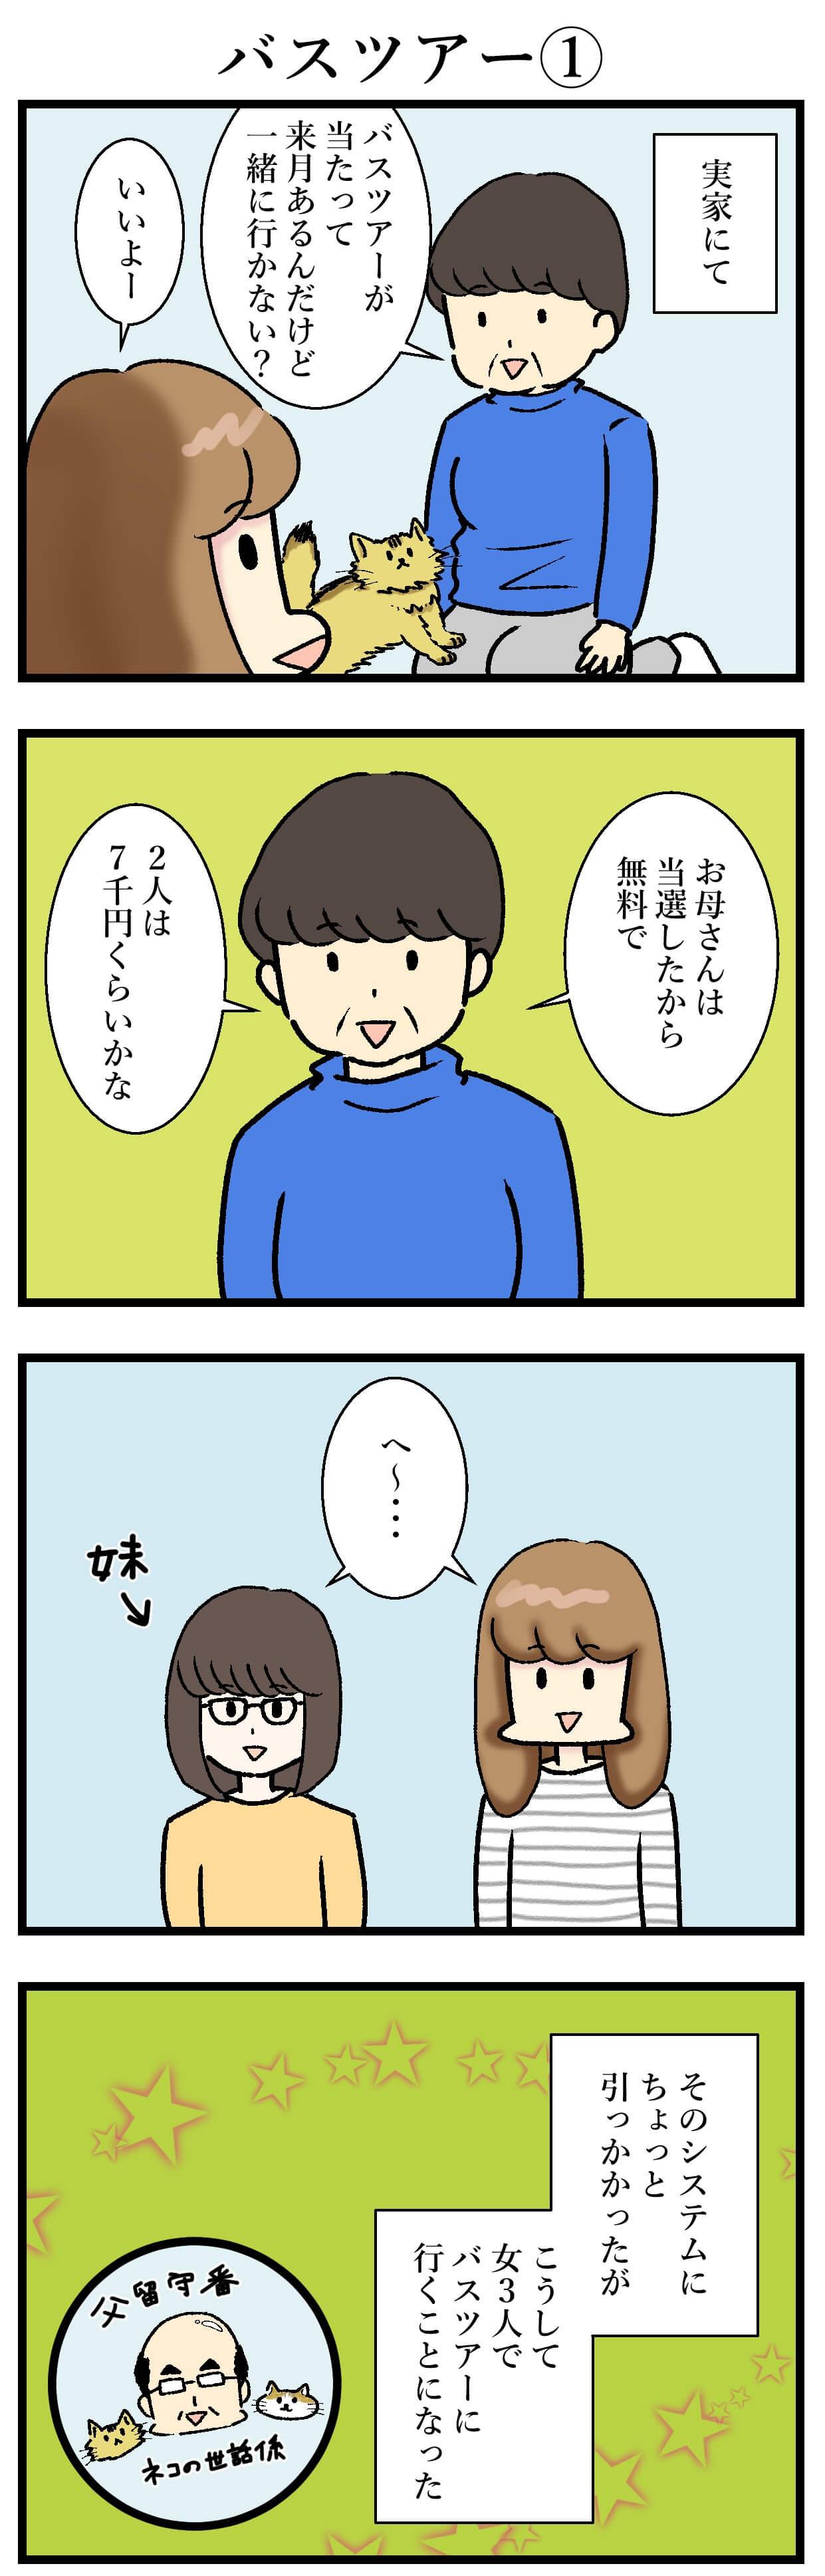 【エッセイ漫画】アラサー主婦くま子のふがいない日常(57)